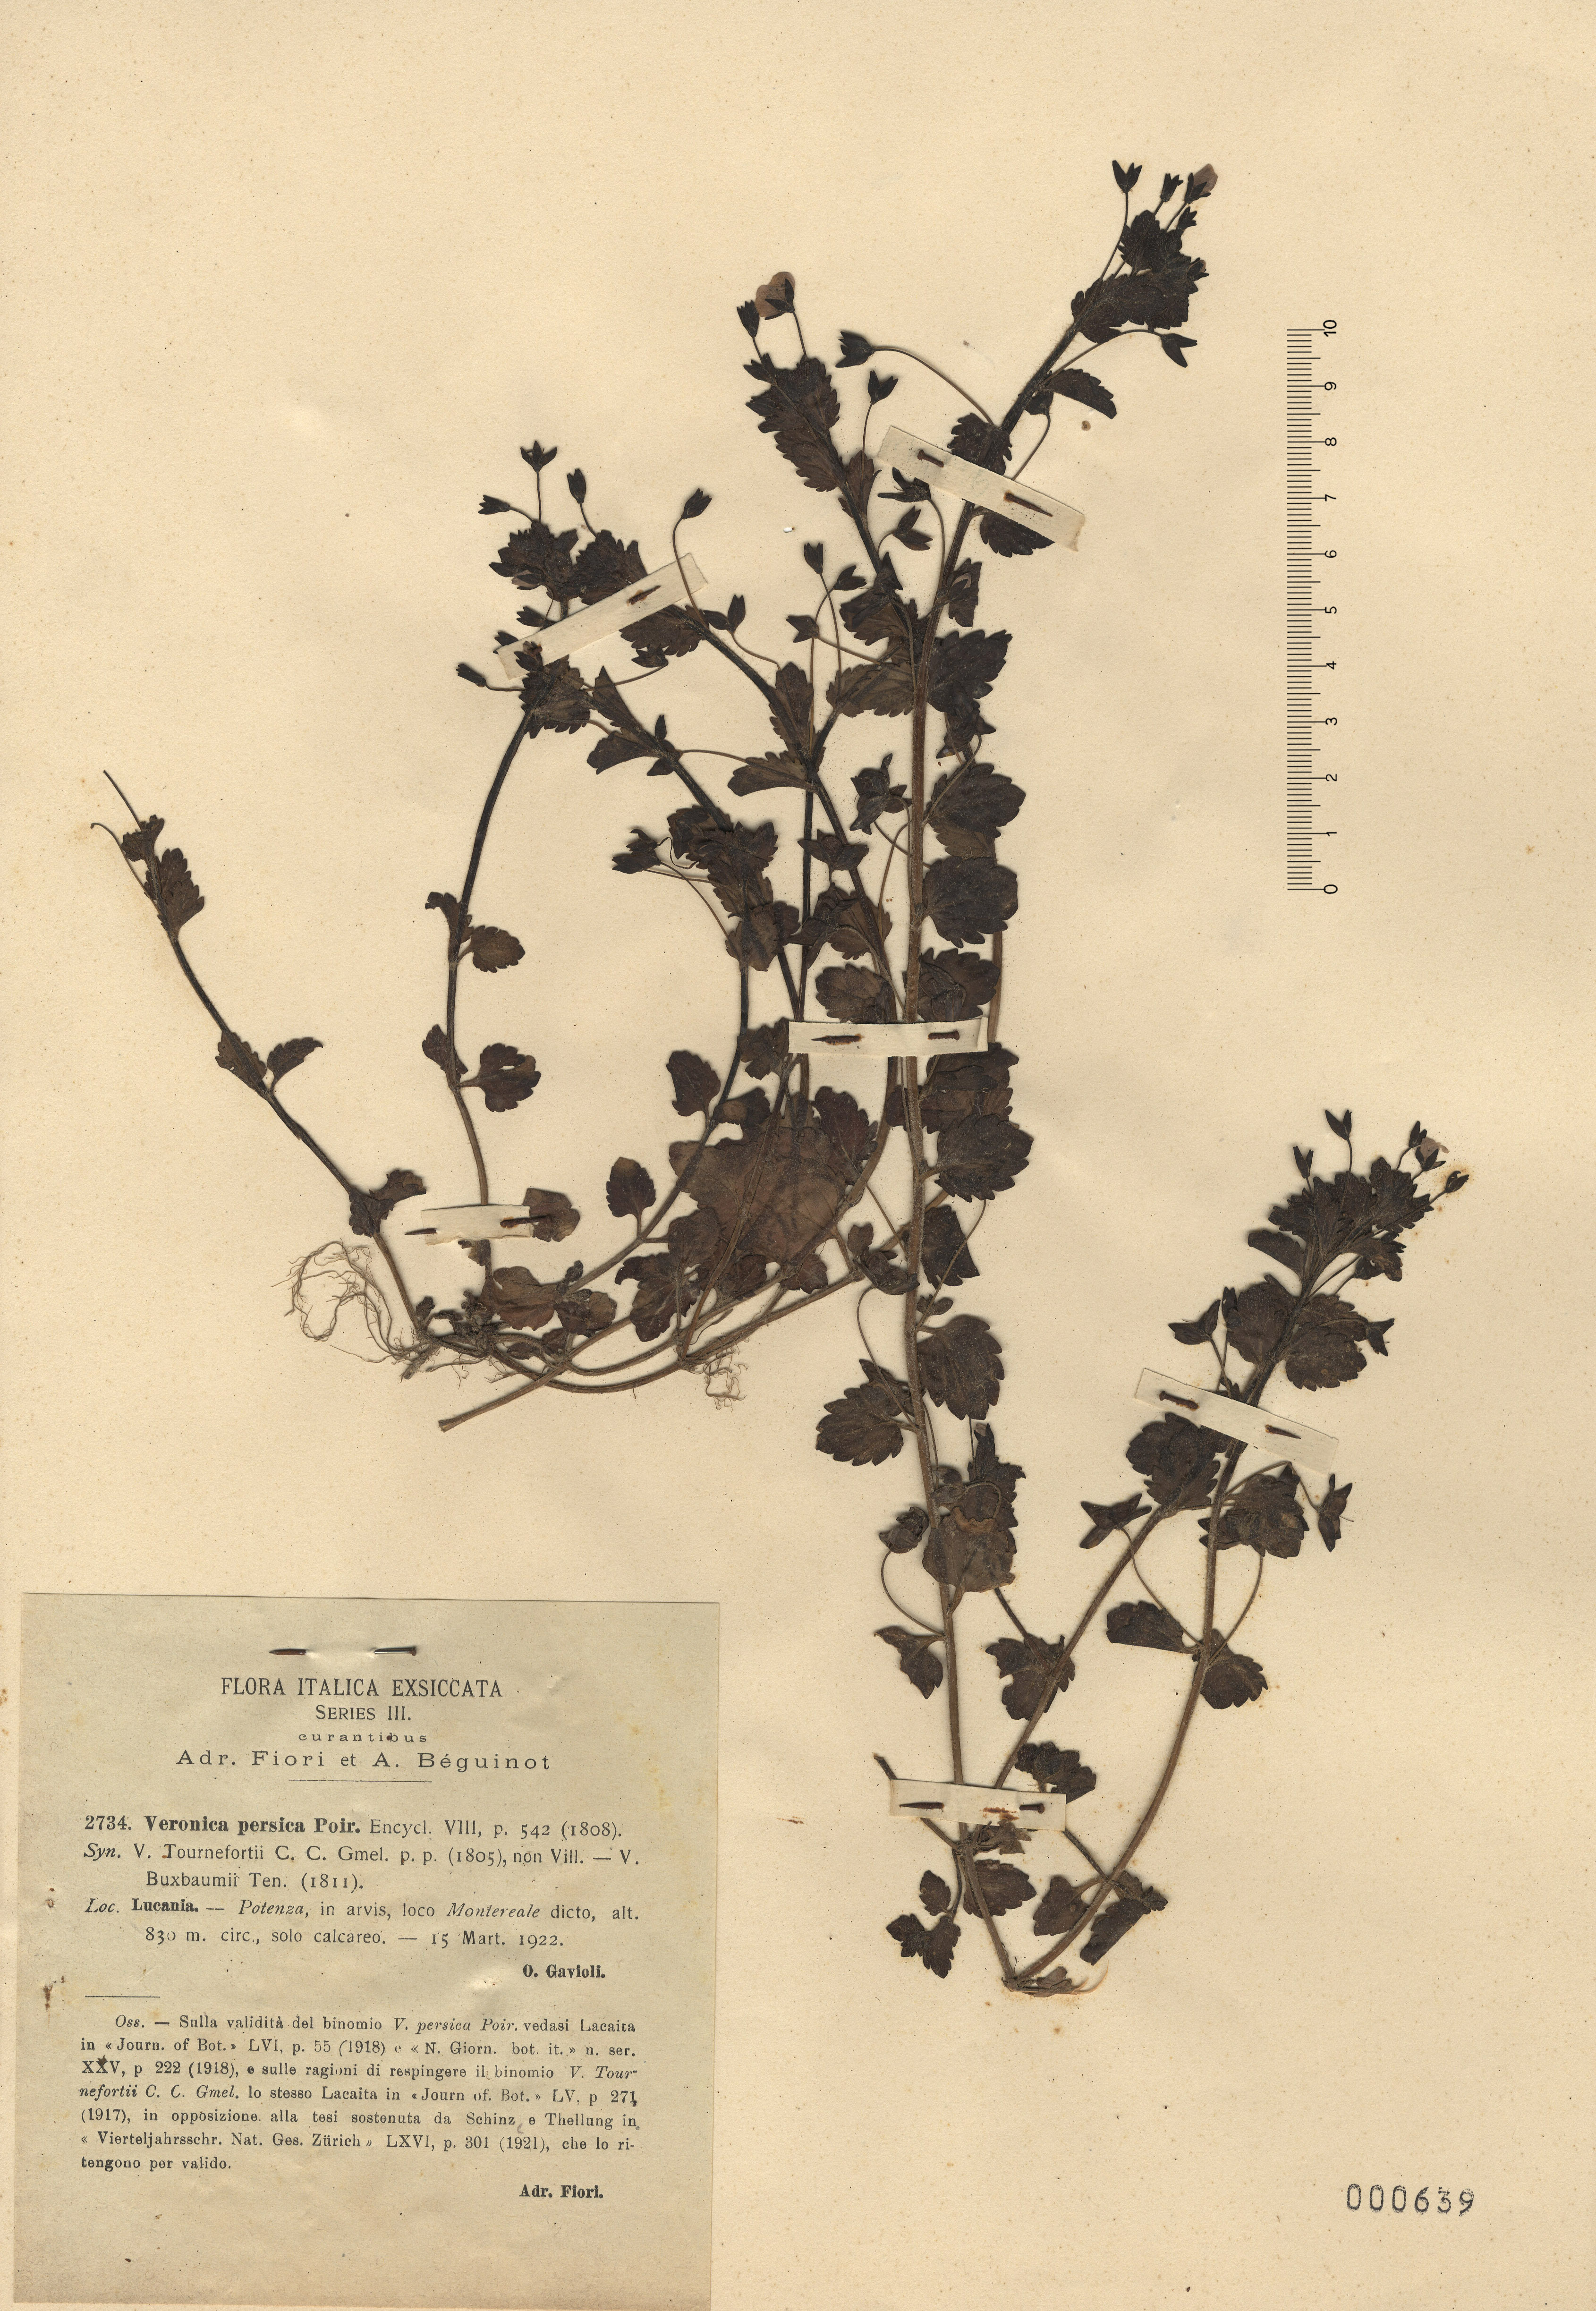 © Hortus Botanicus Catinensis - Herb. sheet 000639<br>